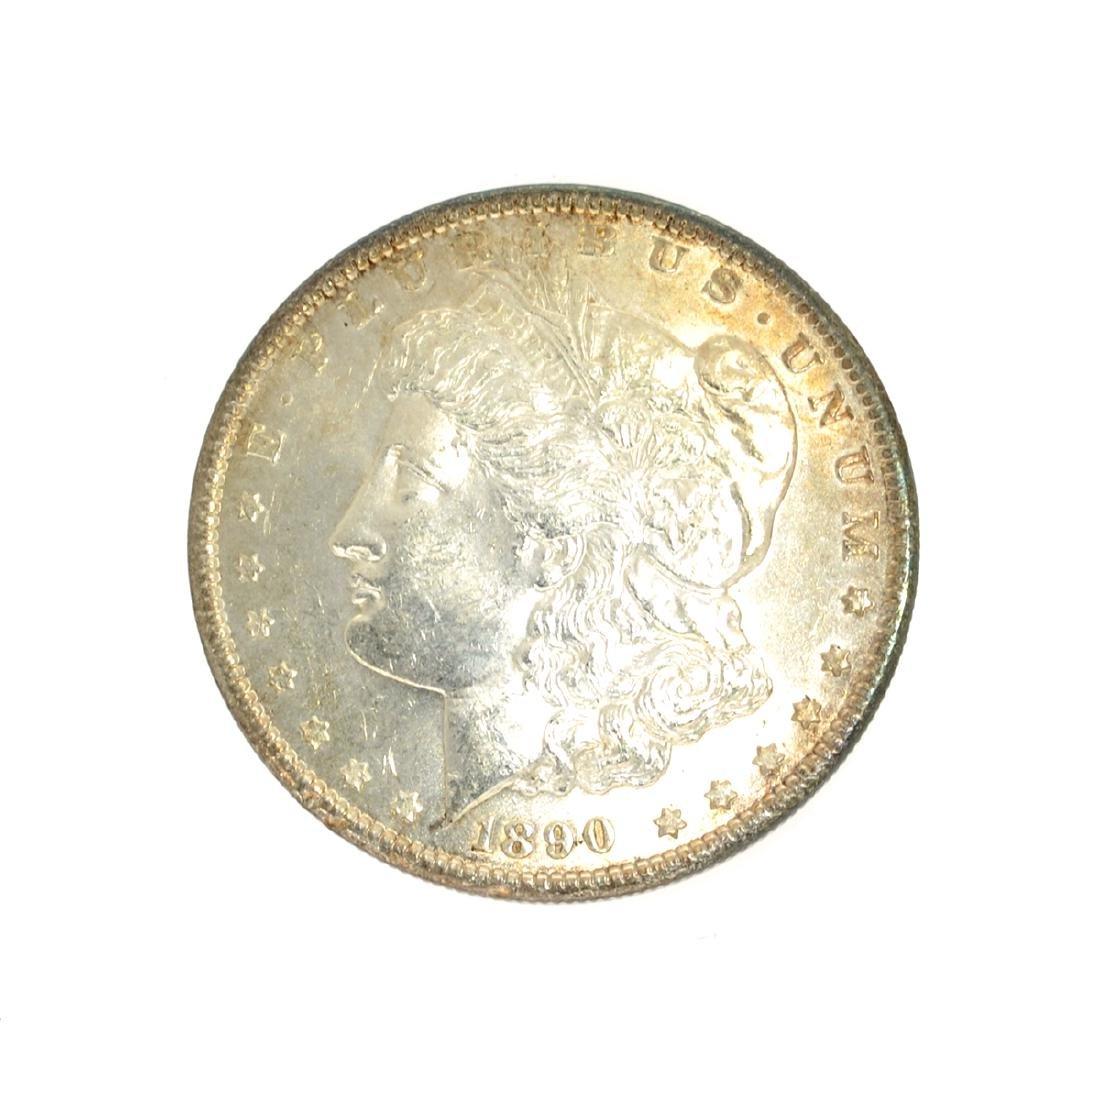 Rare 1890 Morgan Dollar Coin